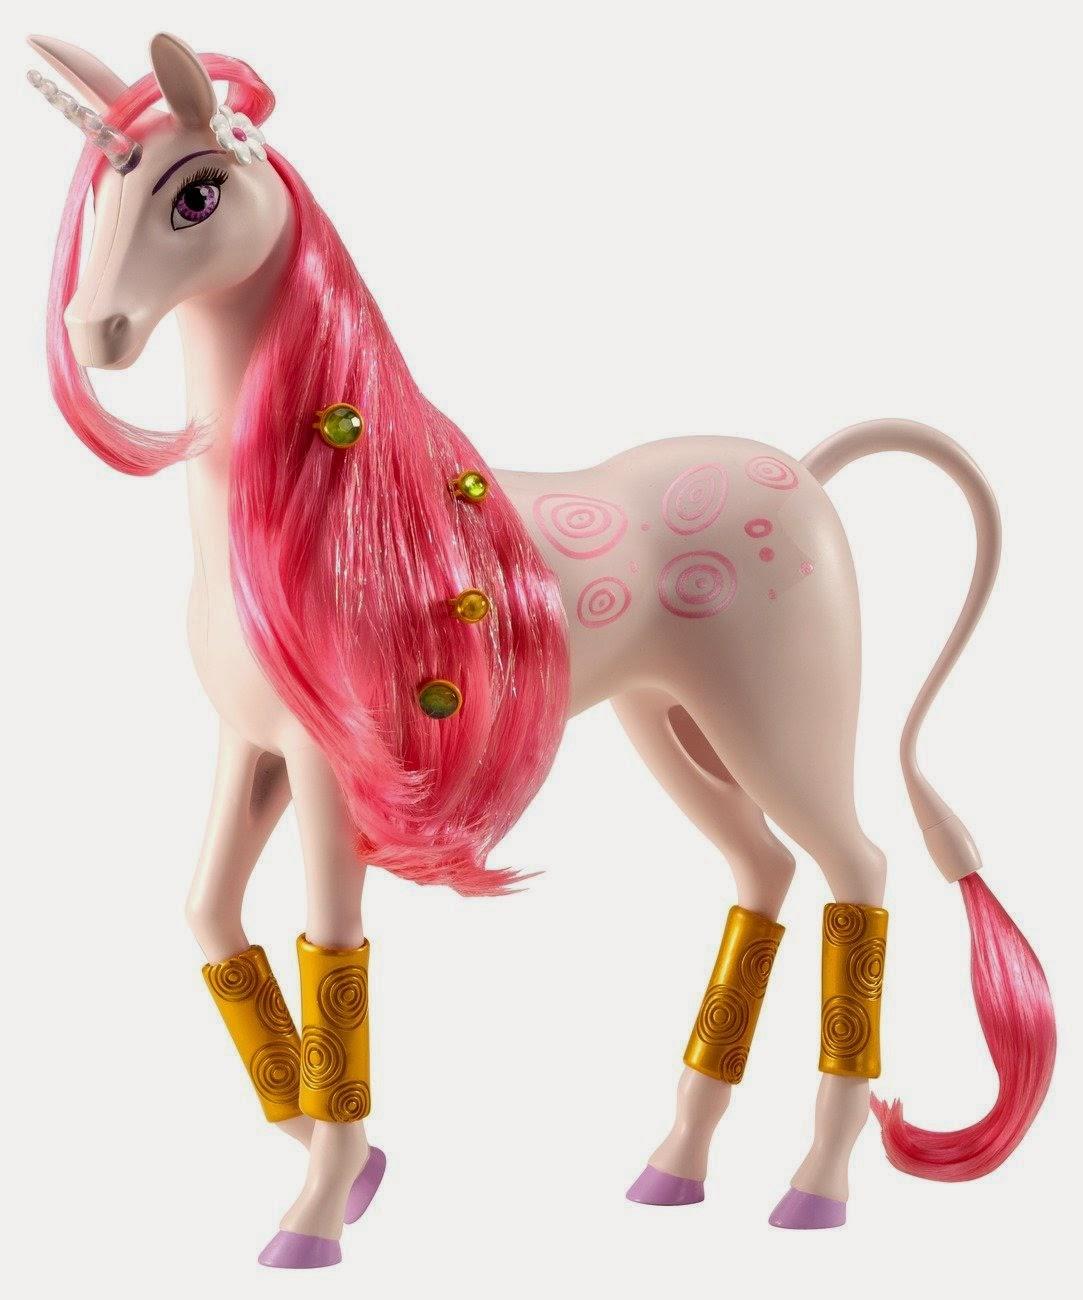 TOYS - Muñeco Unicornio Lyria : Mia and Me  Juguete oficial | Mattel BFW39 | A partir de 3 años   (Muñeca Mia no incluida)